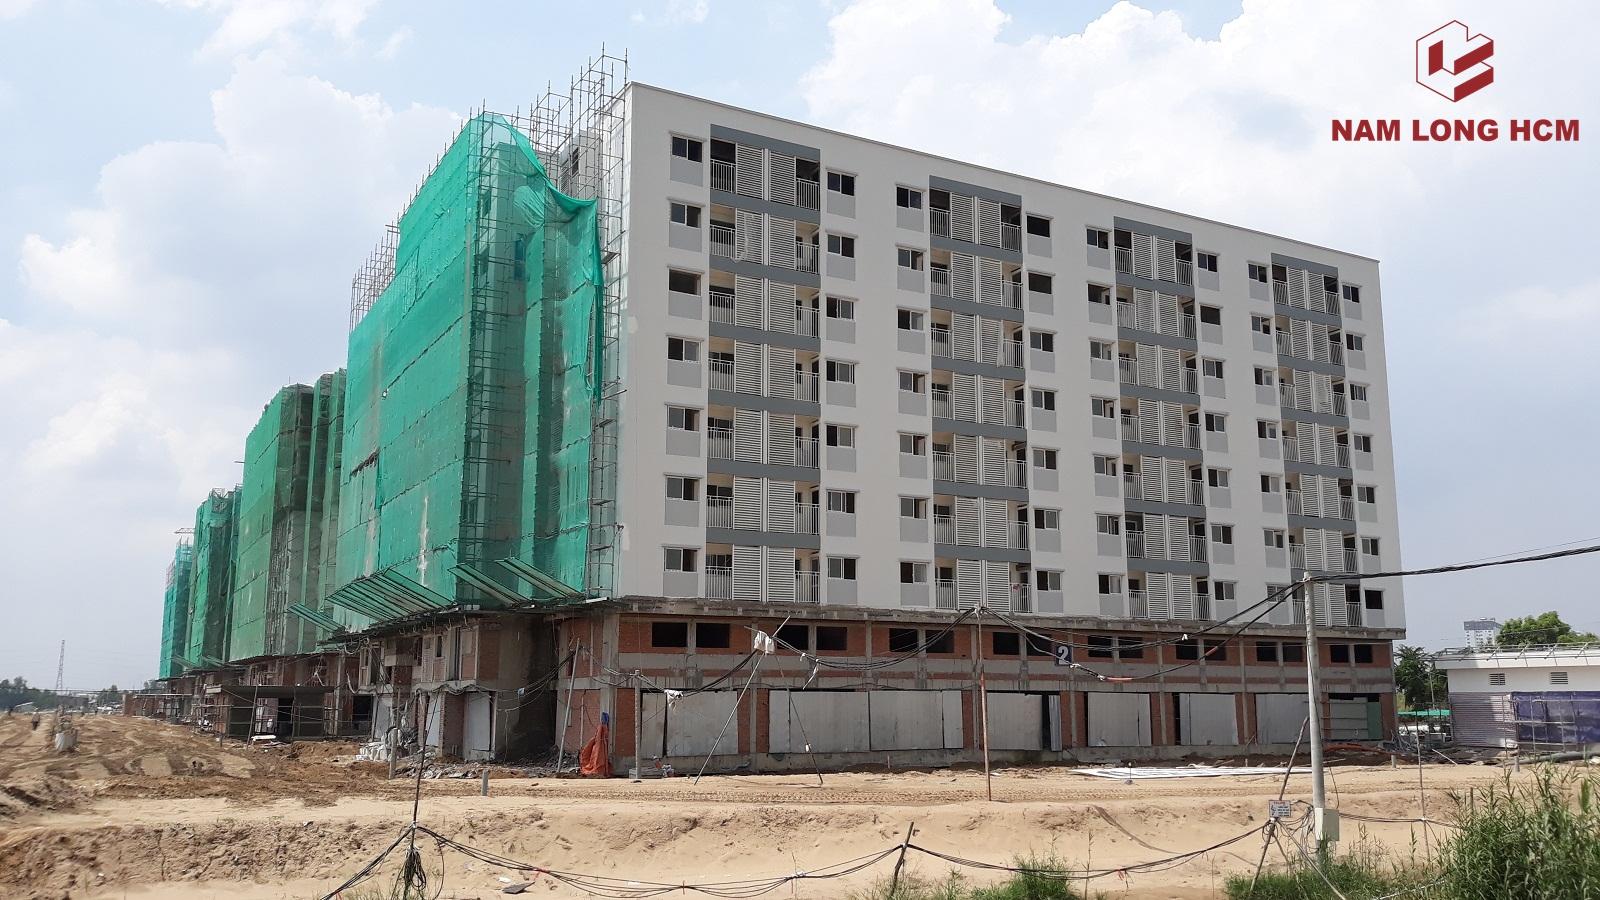 Hầu hết các Block Ehome S Bình Chánh đã thi công xong phần kết cấu và đang tiến hành hoàn thiện. Ảnh: Nam Long HCM